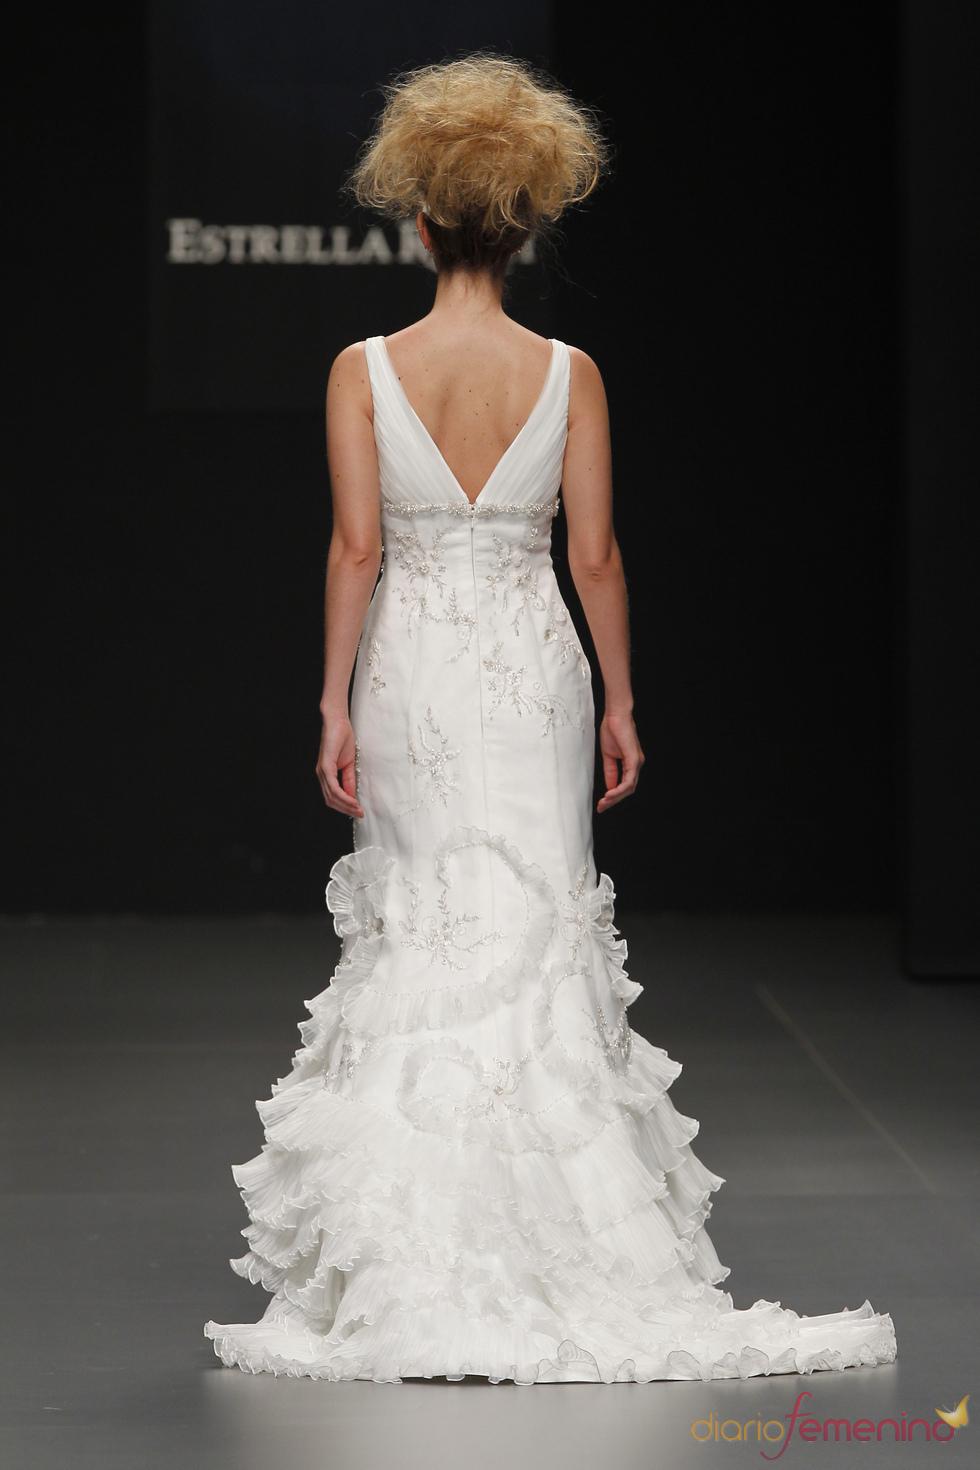 Camila Elbaz : parte trasera de vestido de novia